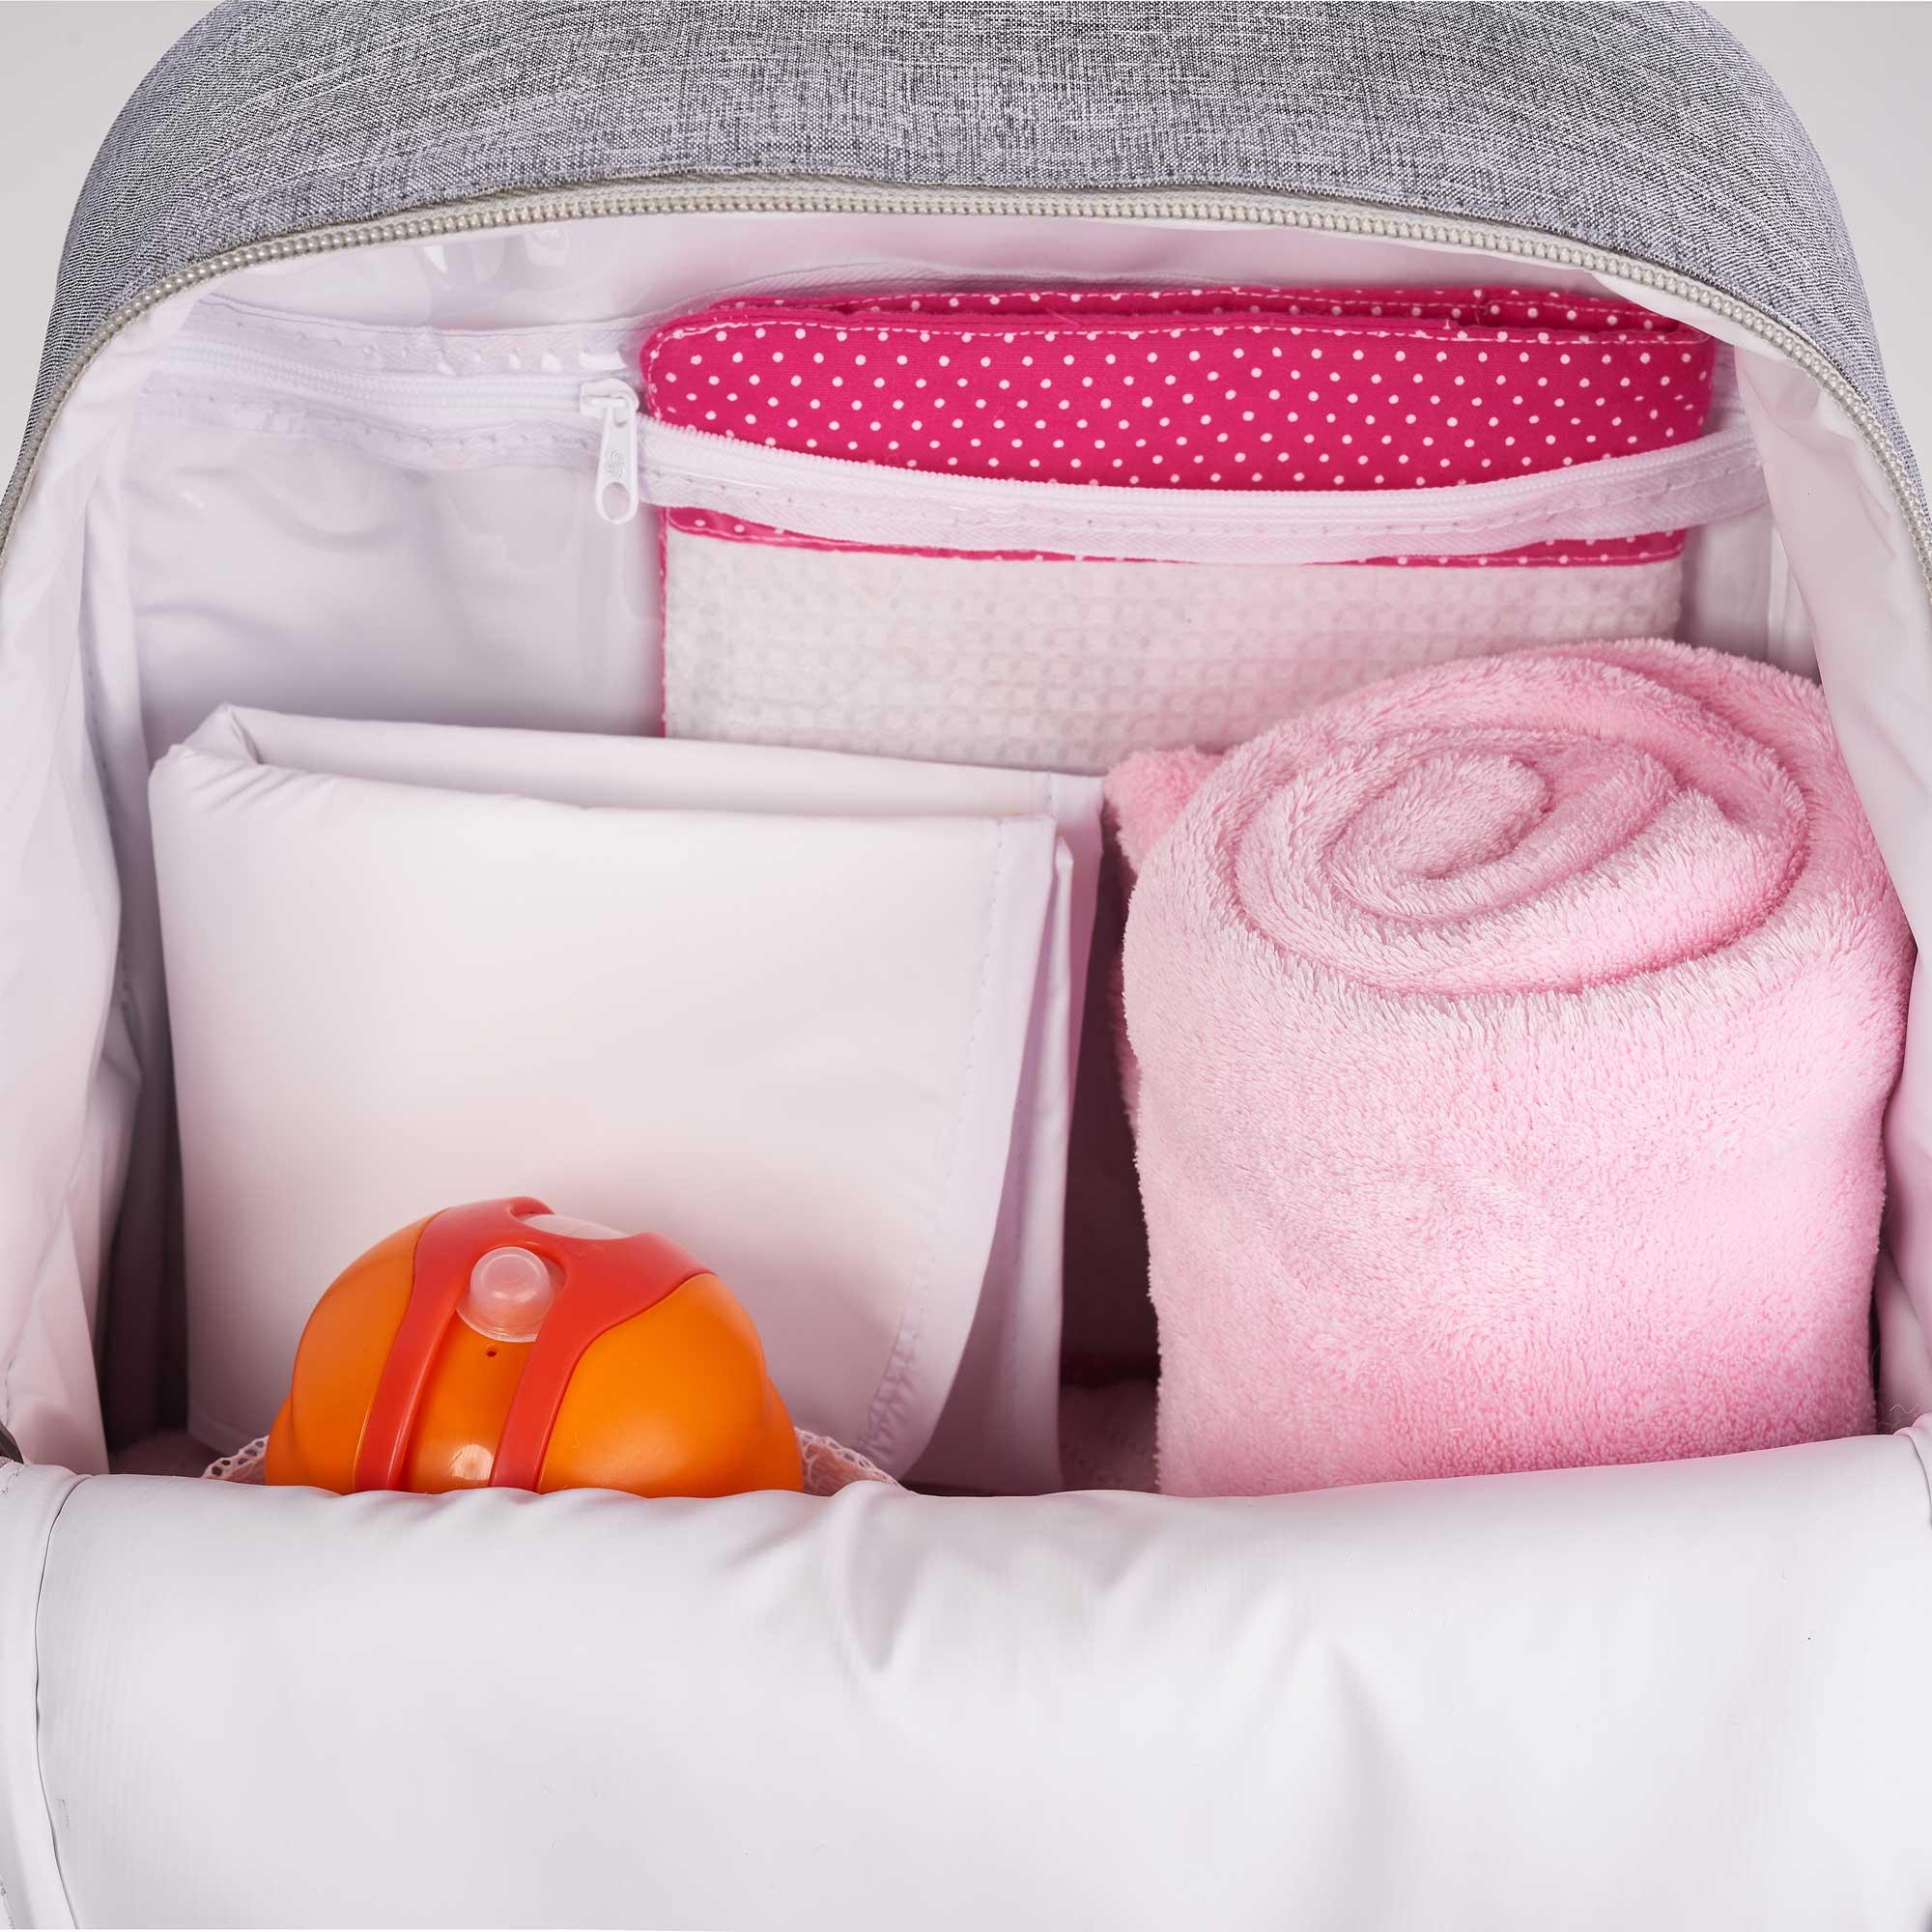 Mochila maternidade termica cinza - zurich